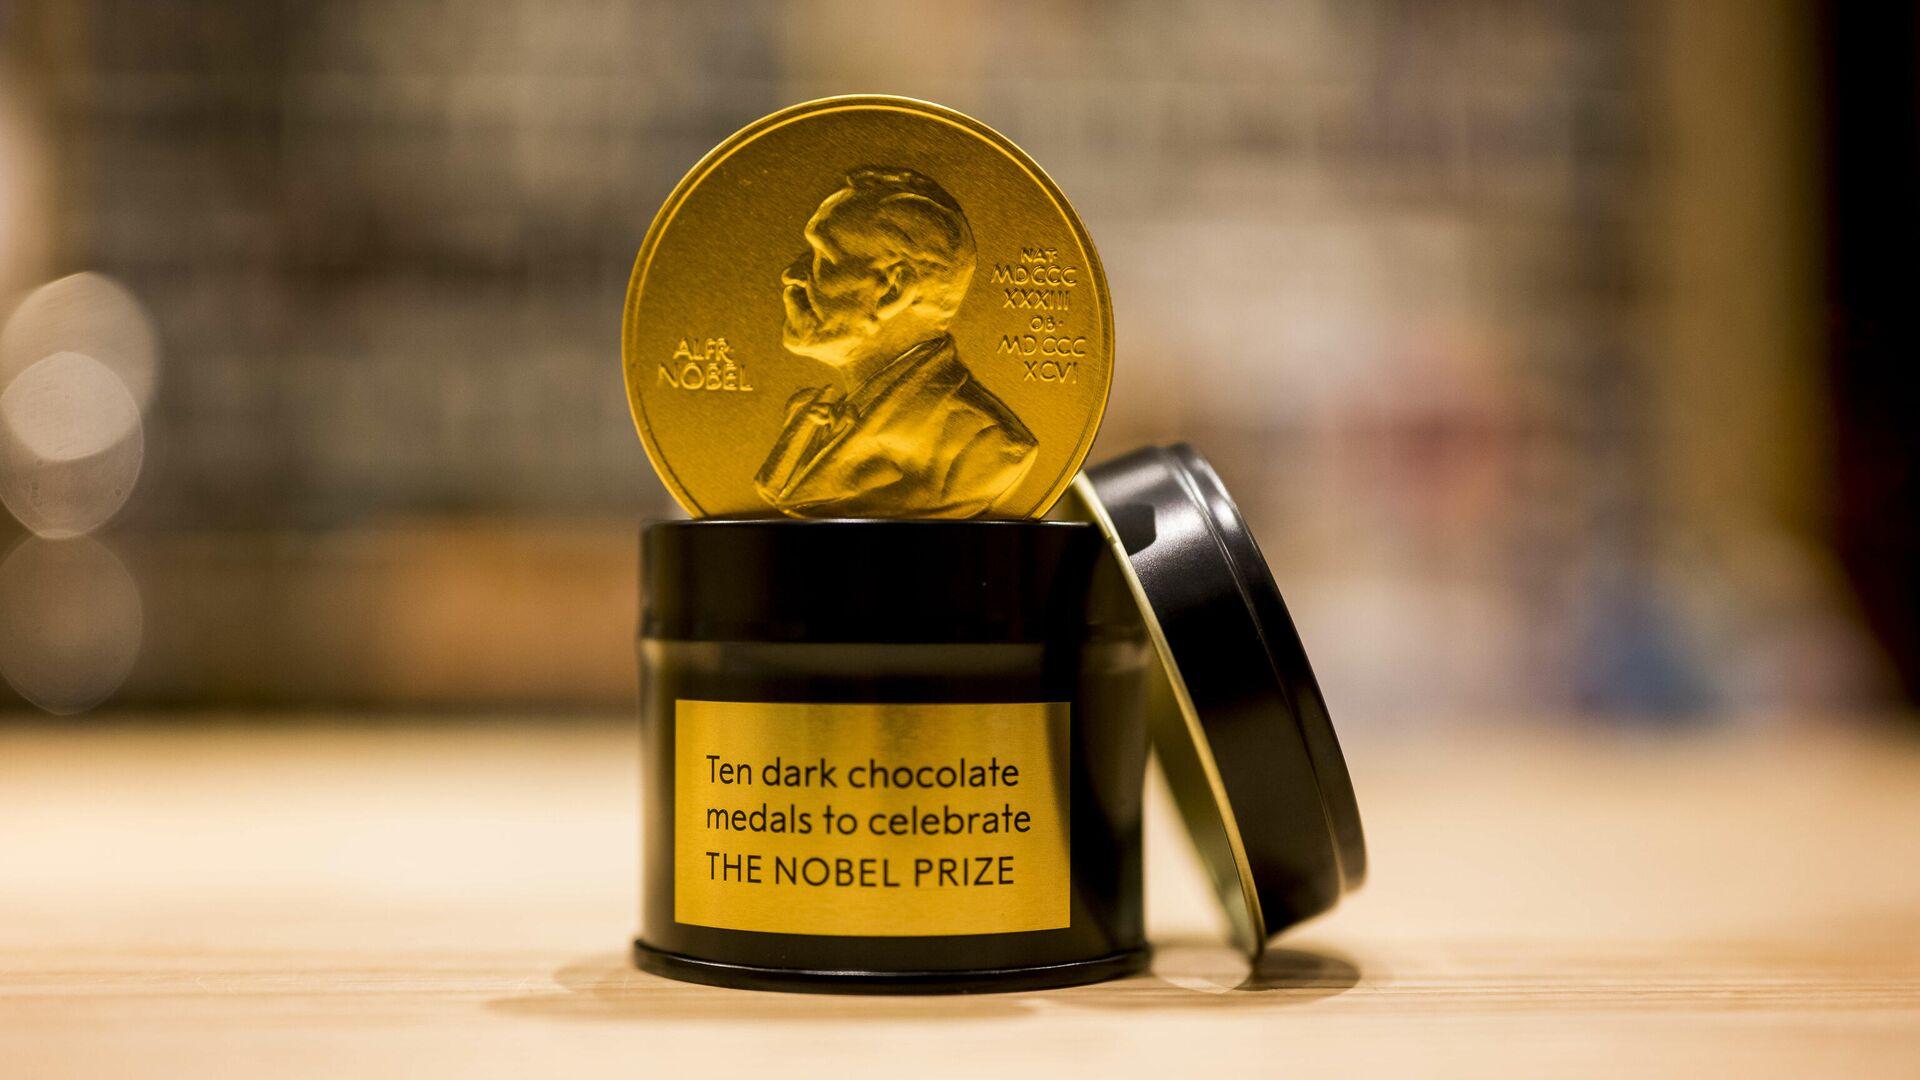 Der Schokoladentaler in Form der Nobelpreis-Medaille - SNA, 1920, 06.10.2021